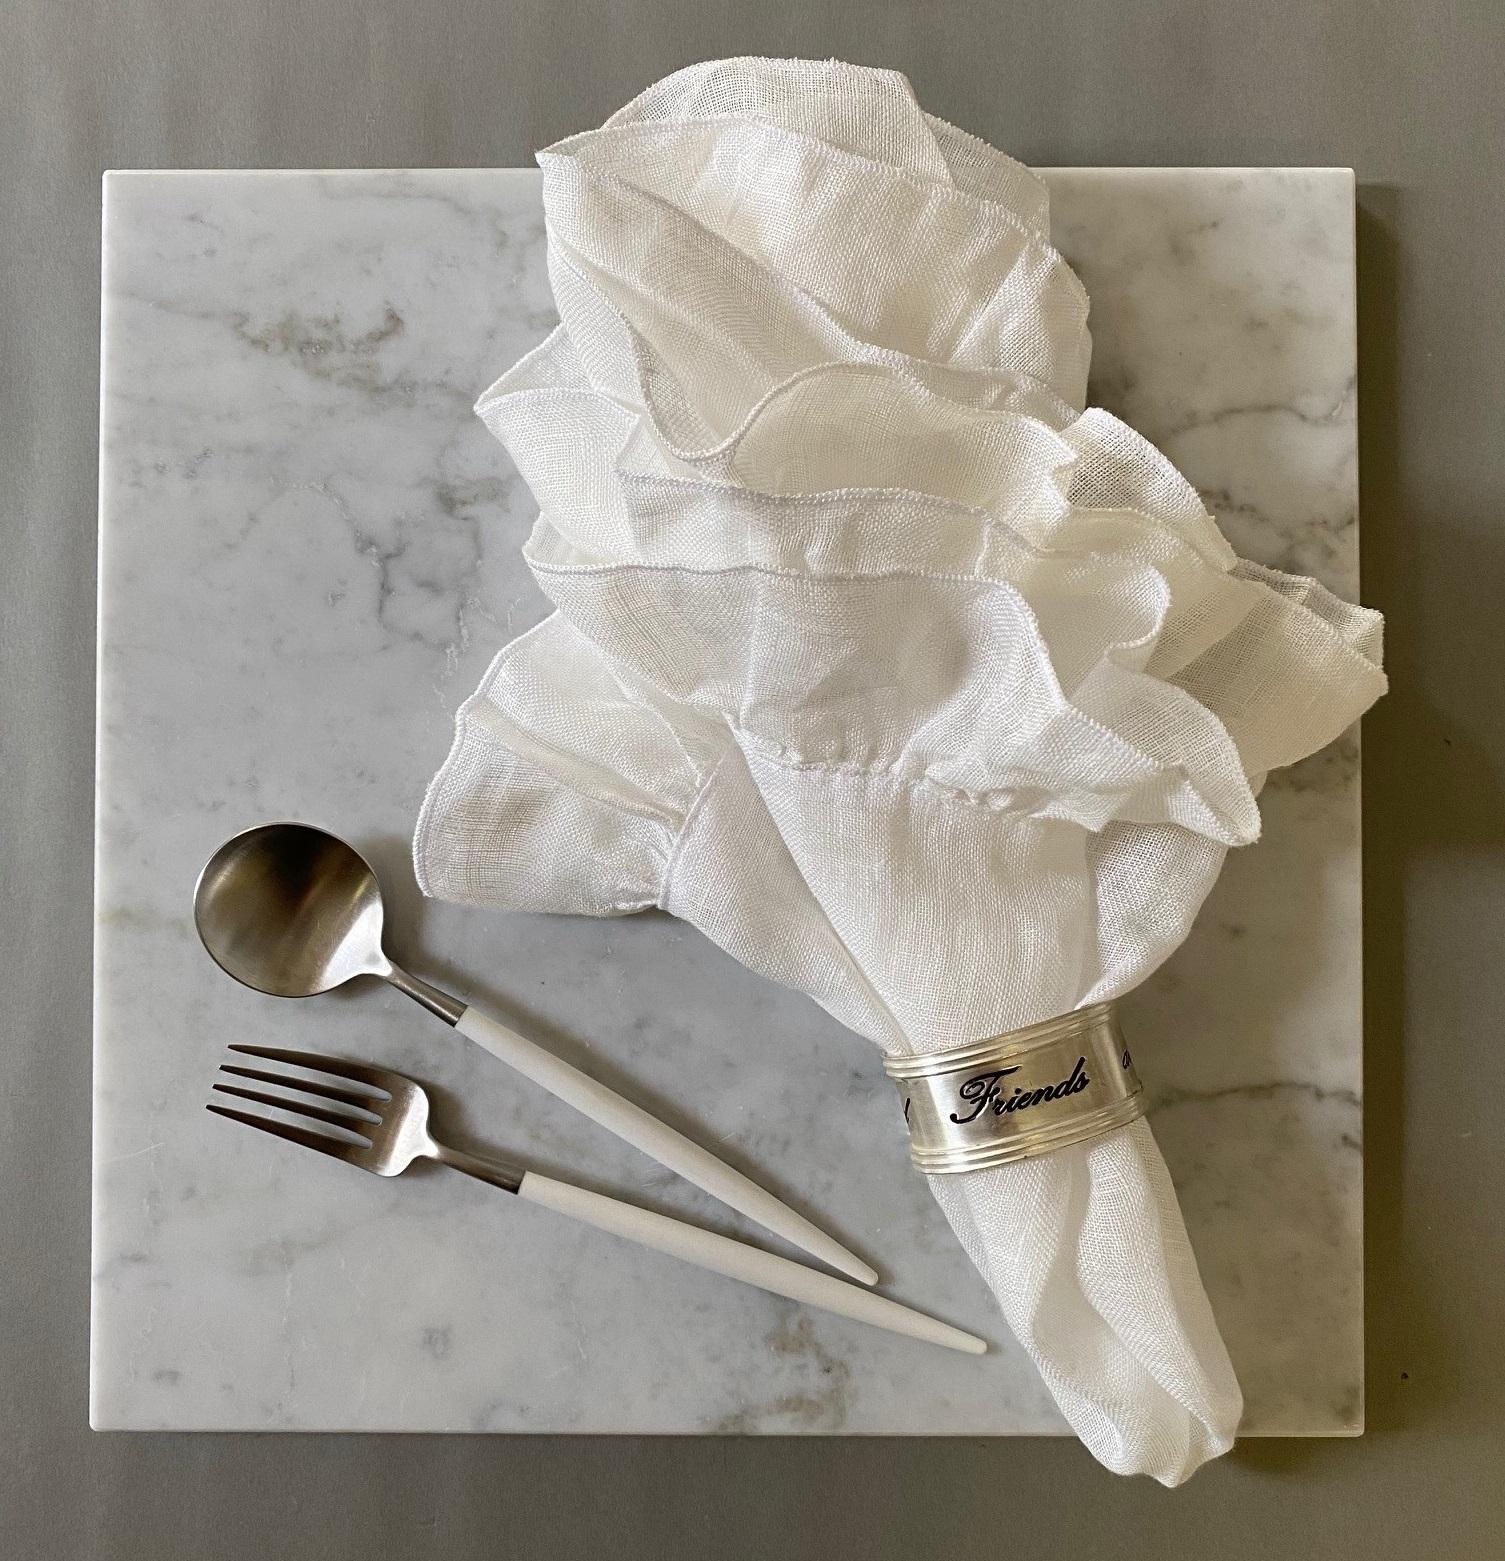 ボルゴ デル トヴァーリ リネンナプキン - Ivory White( BORGO DELLE TOVAGLIE Napkin )